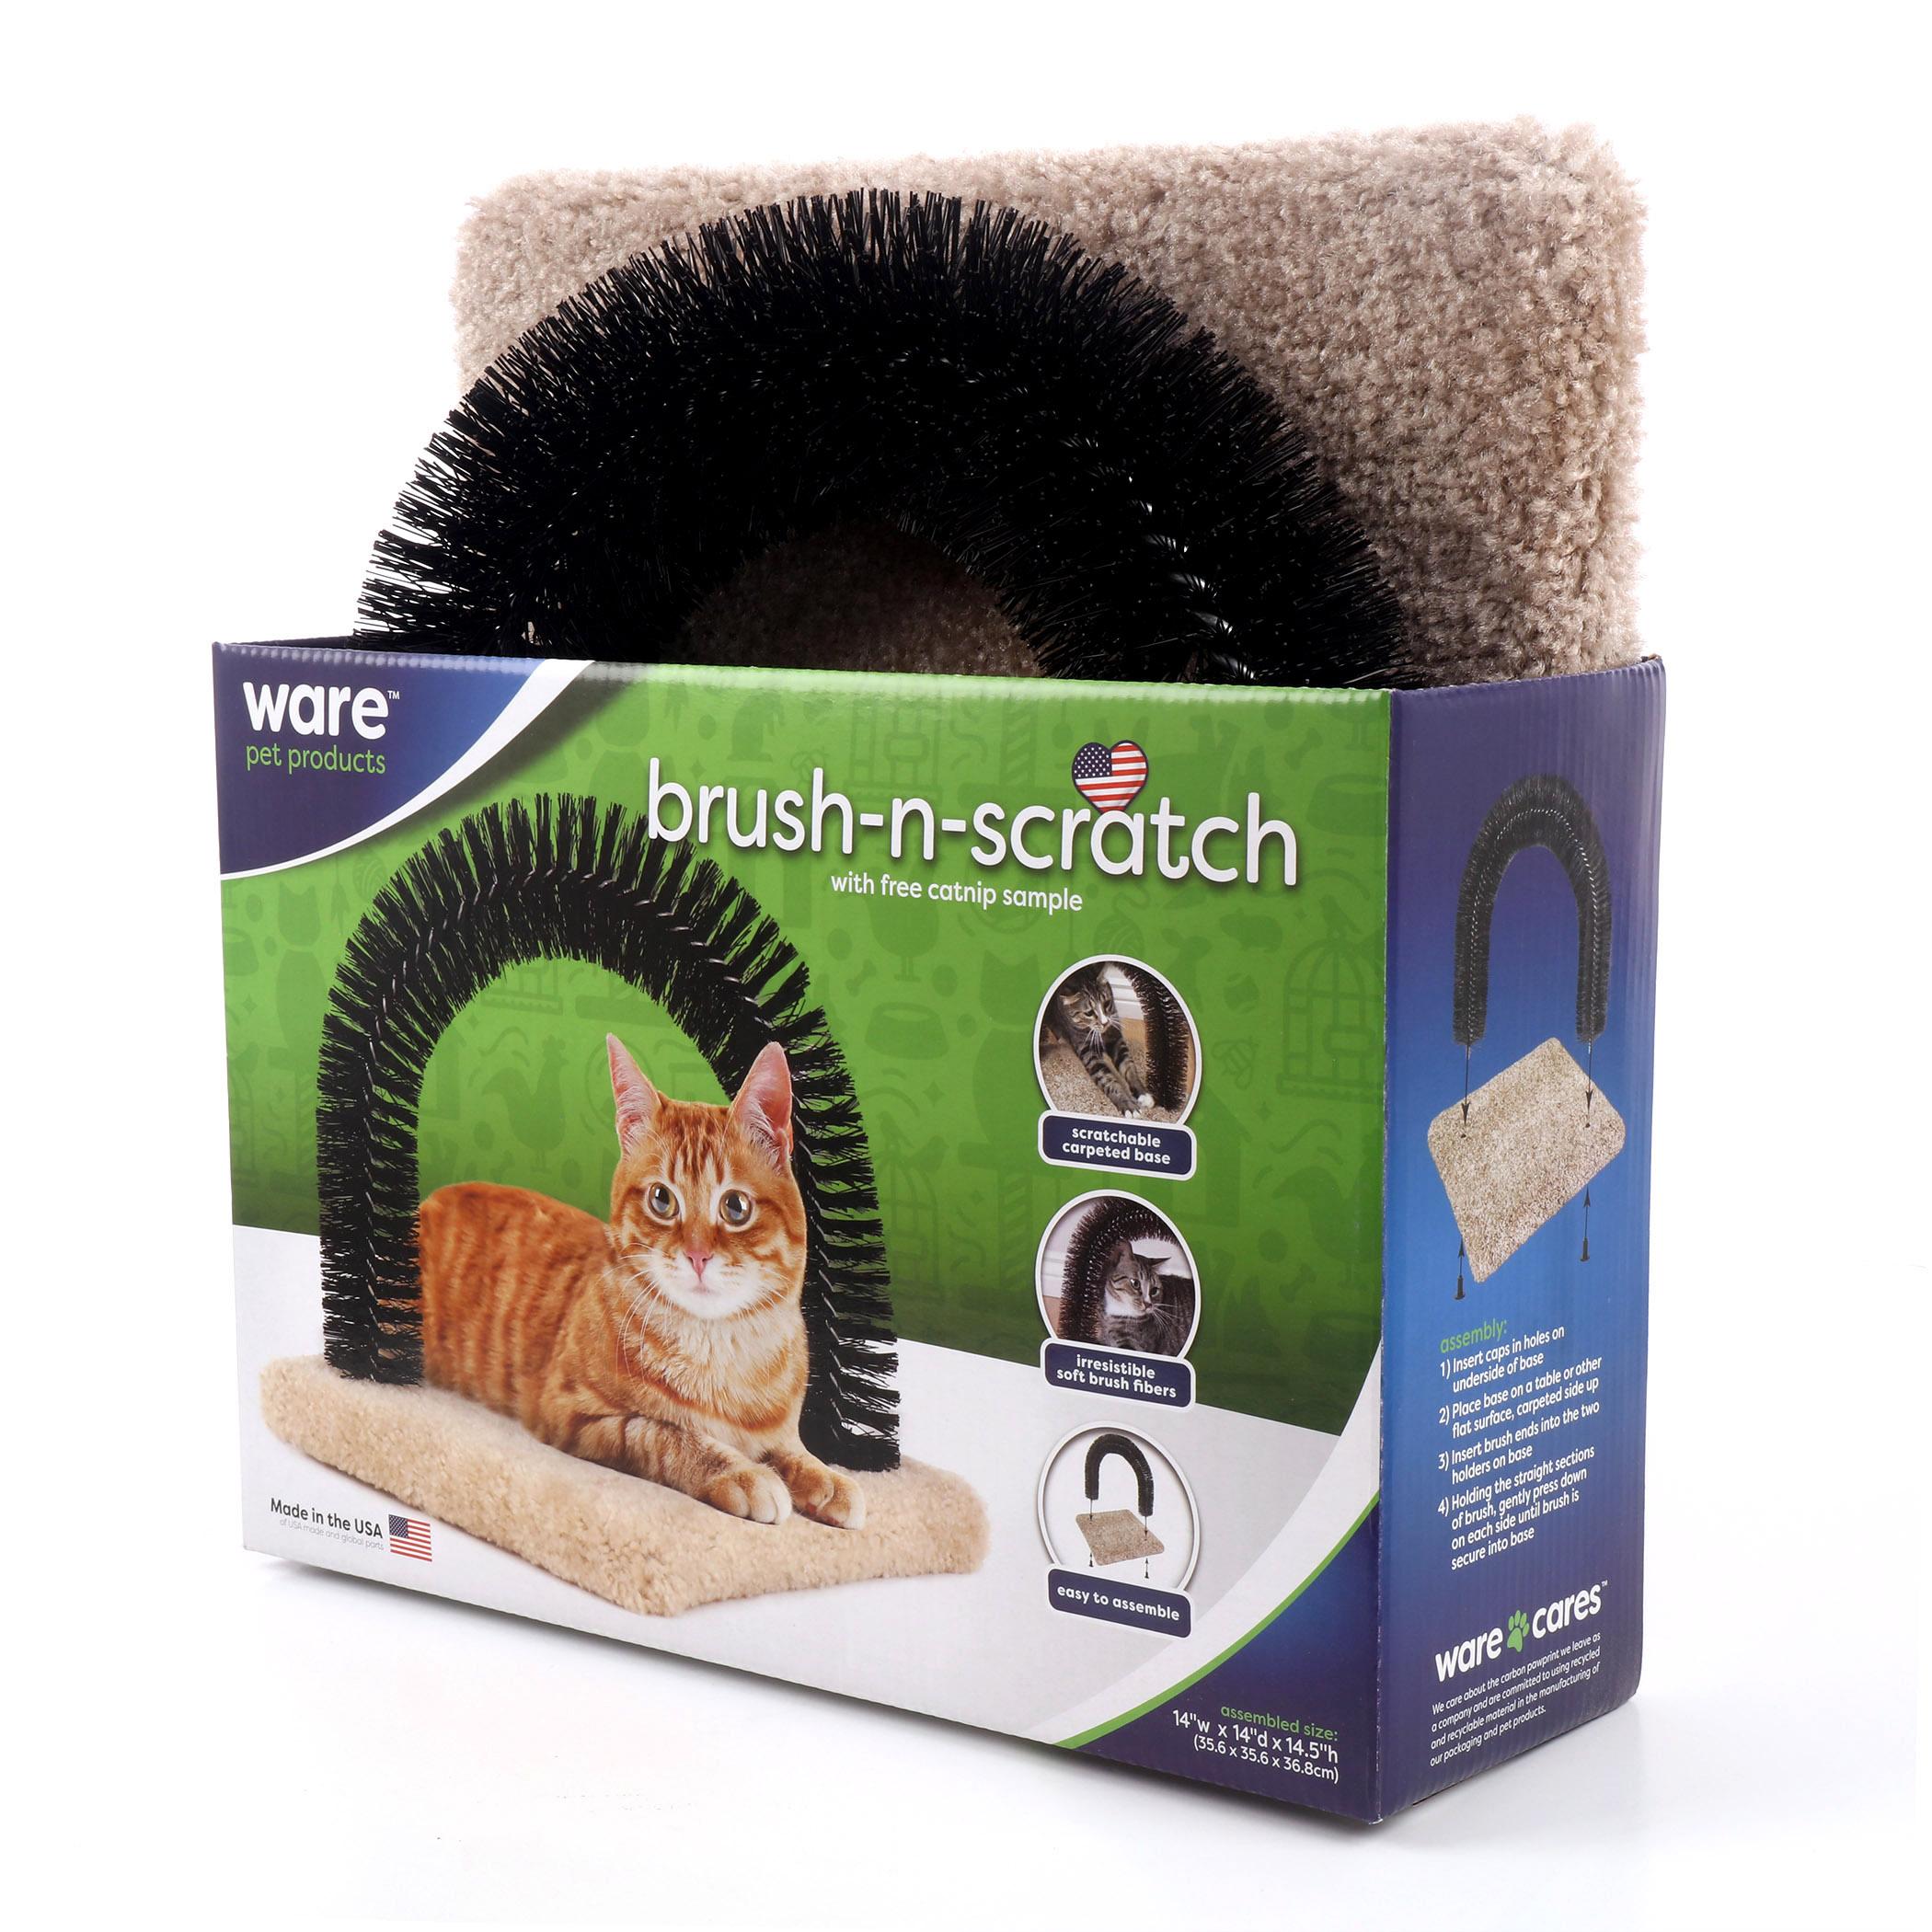 Brush-N-Scratch